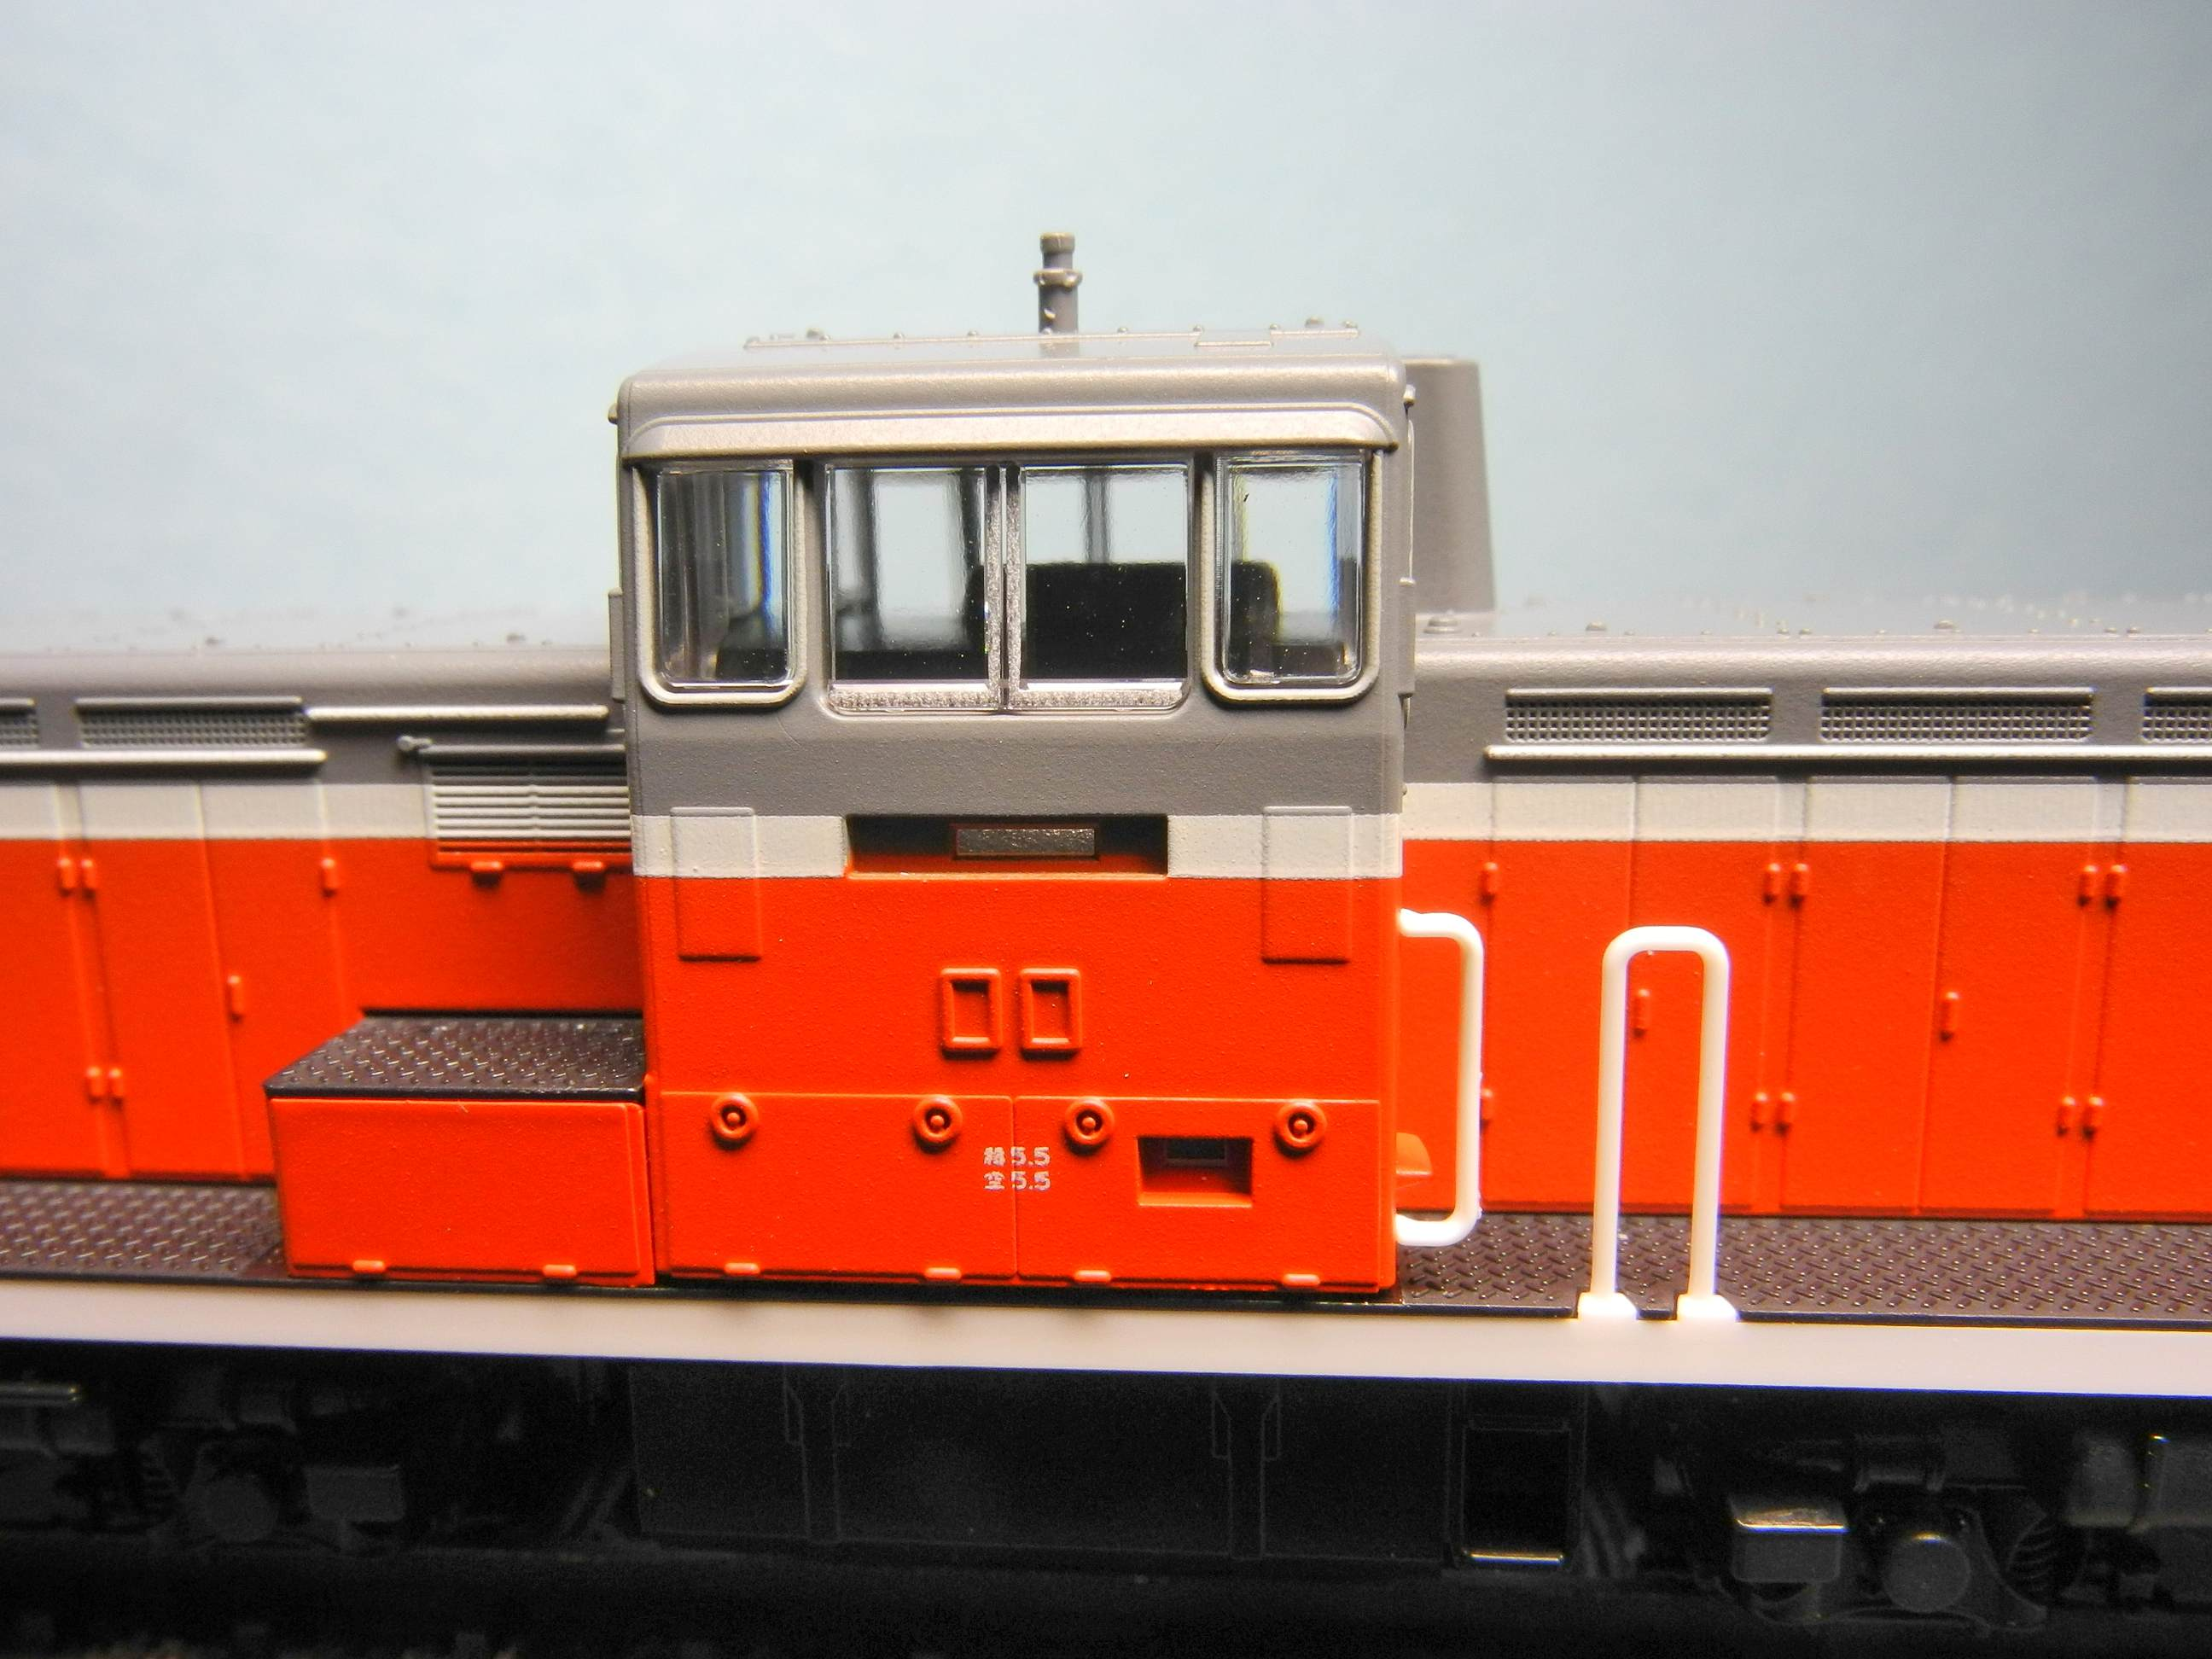 DSCN7070-1.jpg